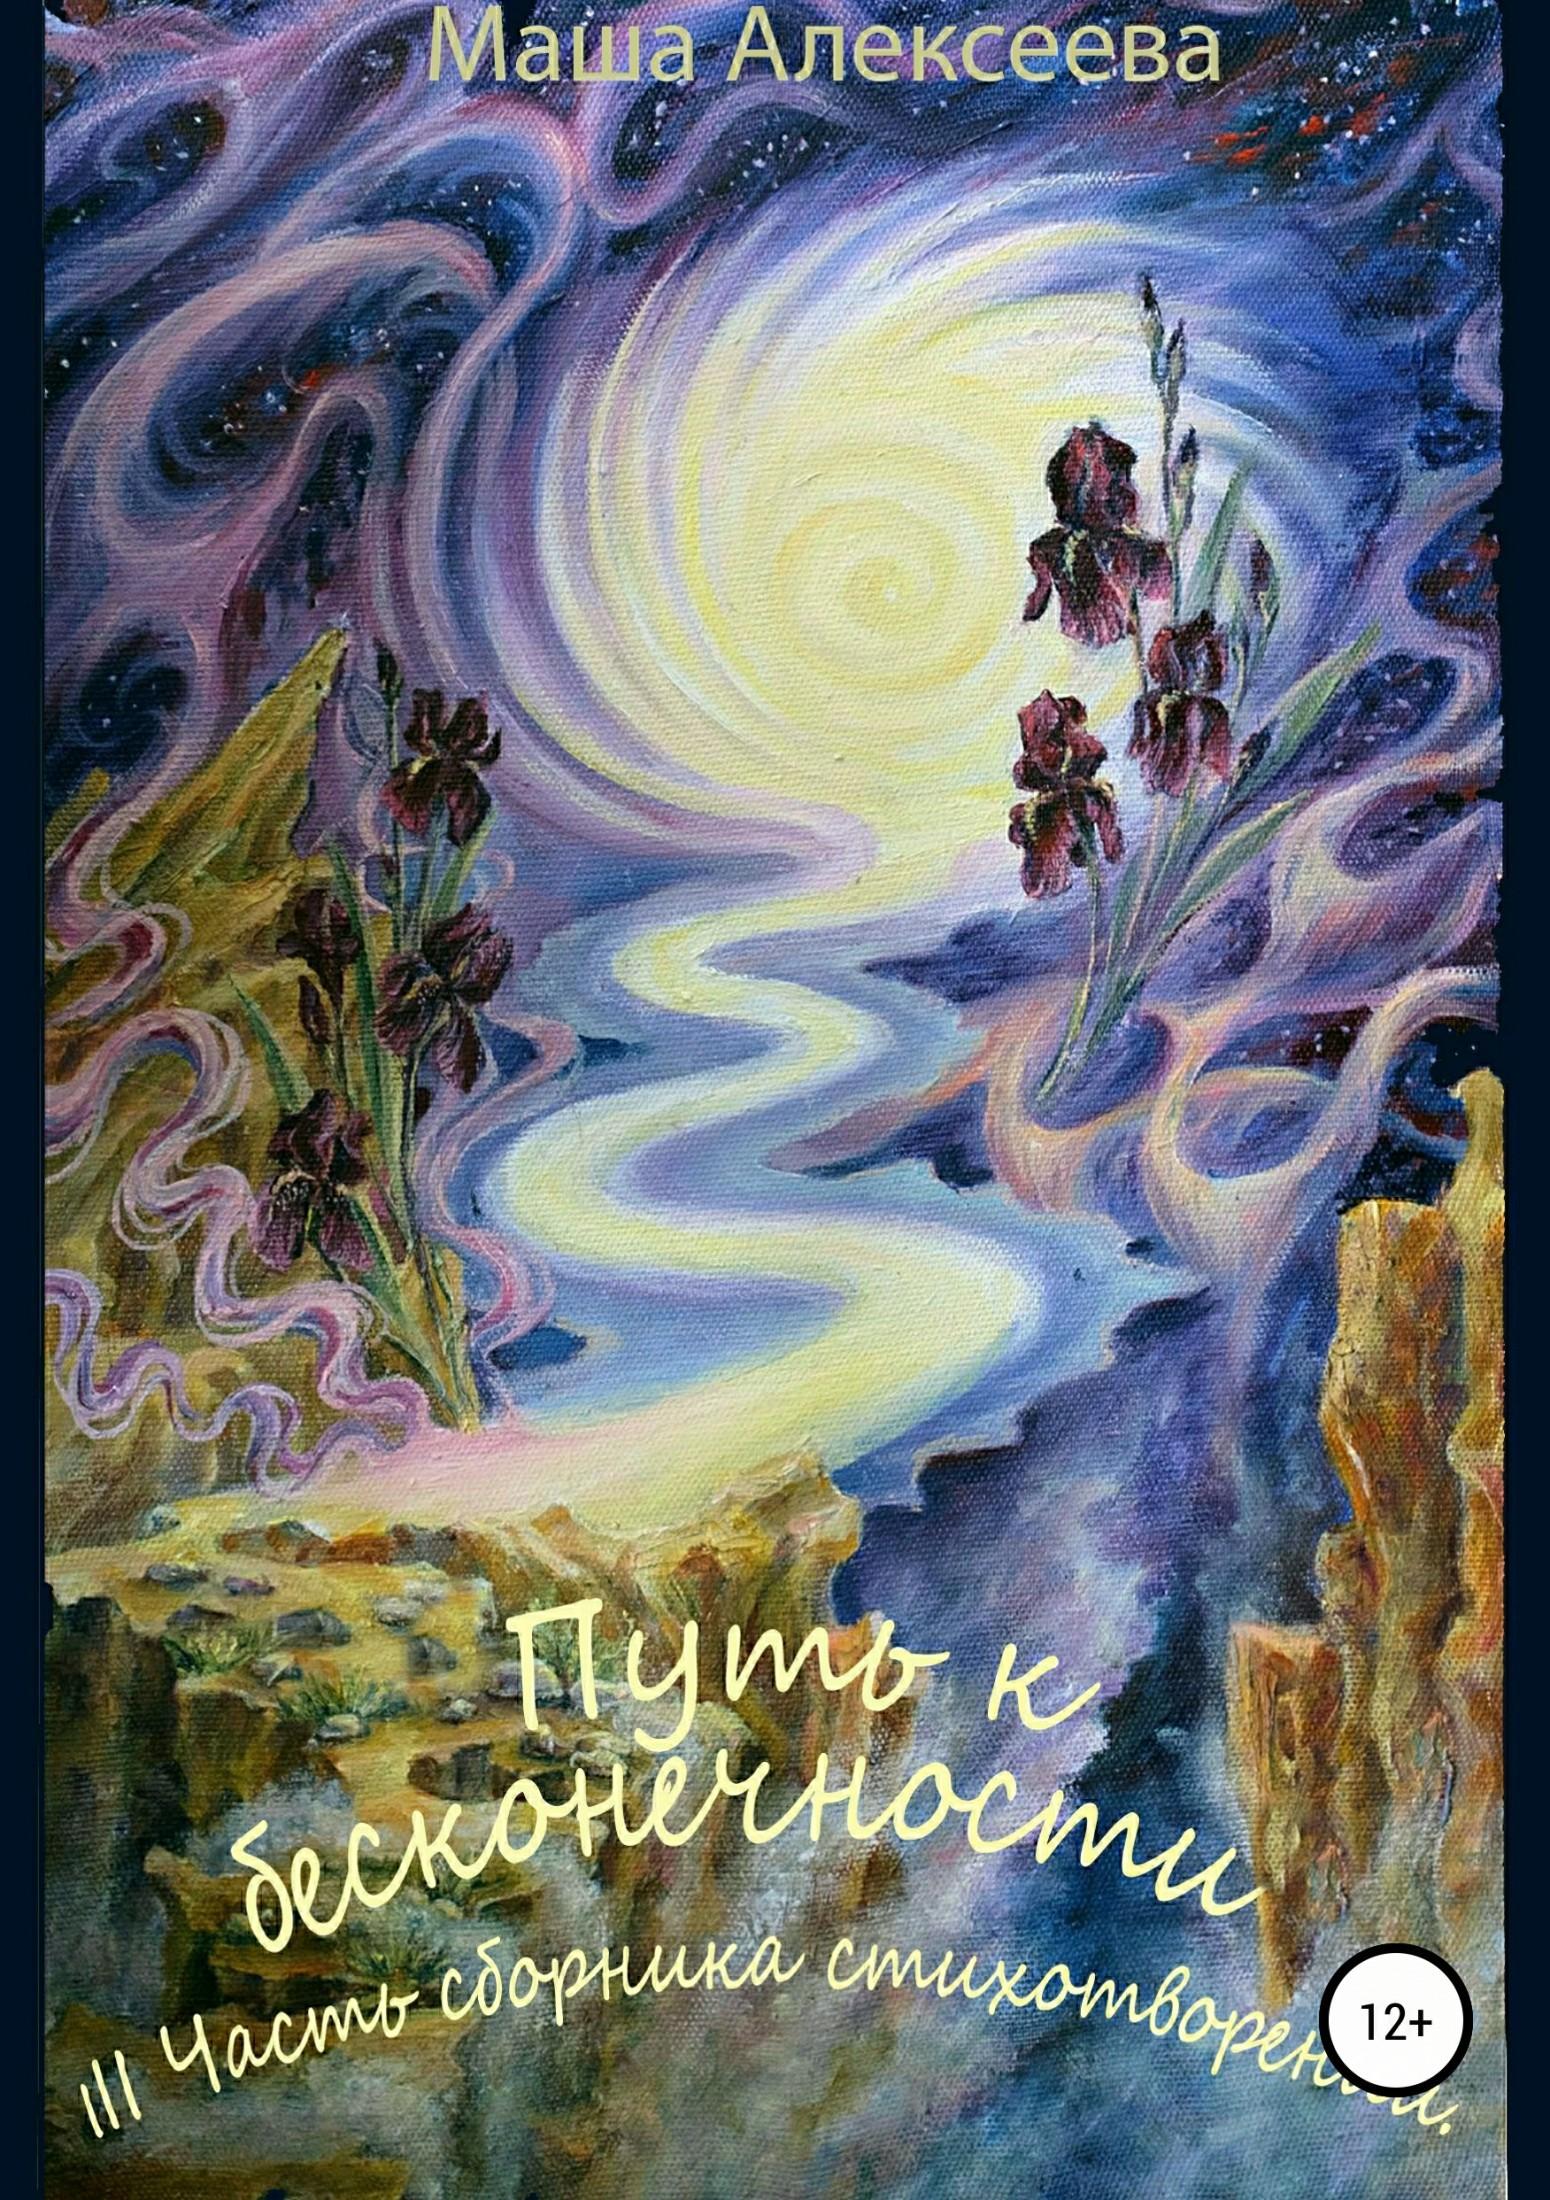 Путь к бесконечности. III часть сборника стихотворений